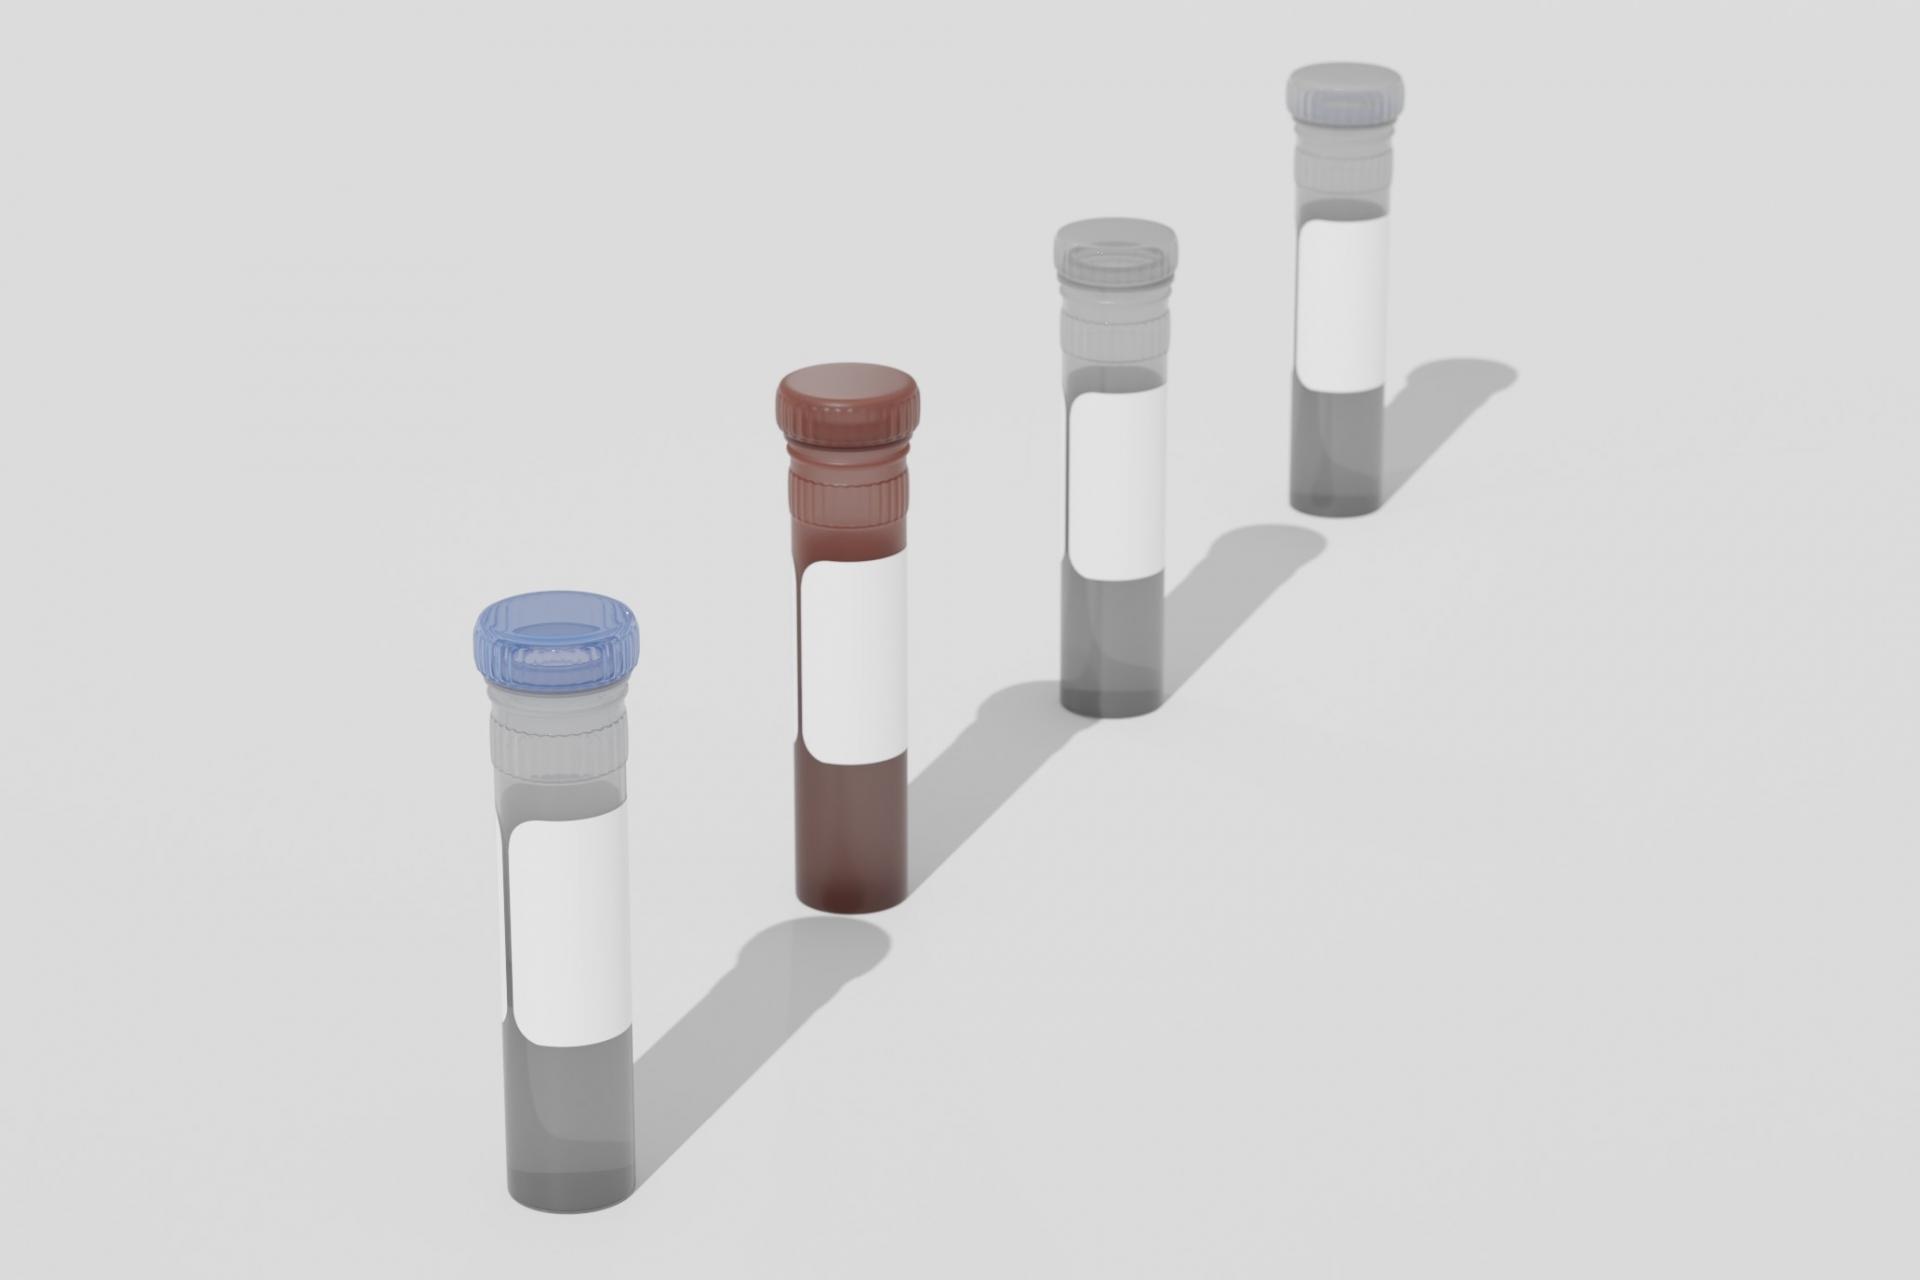 新型コロナウイルスPCR検査の試験管